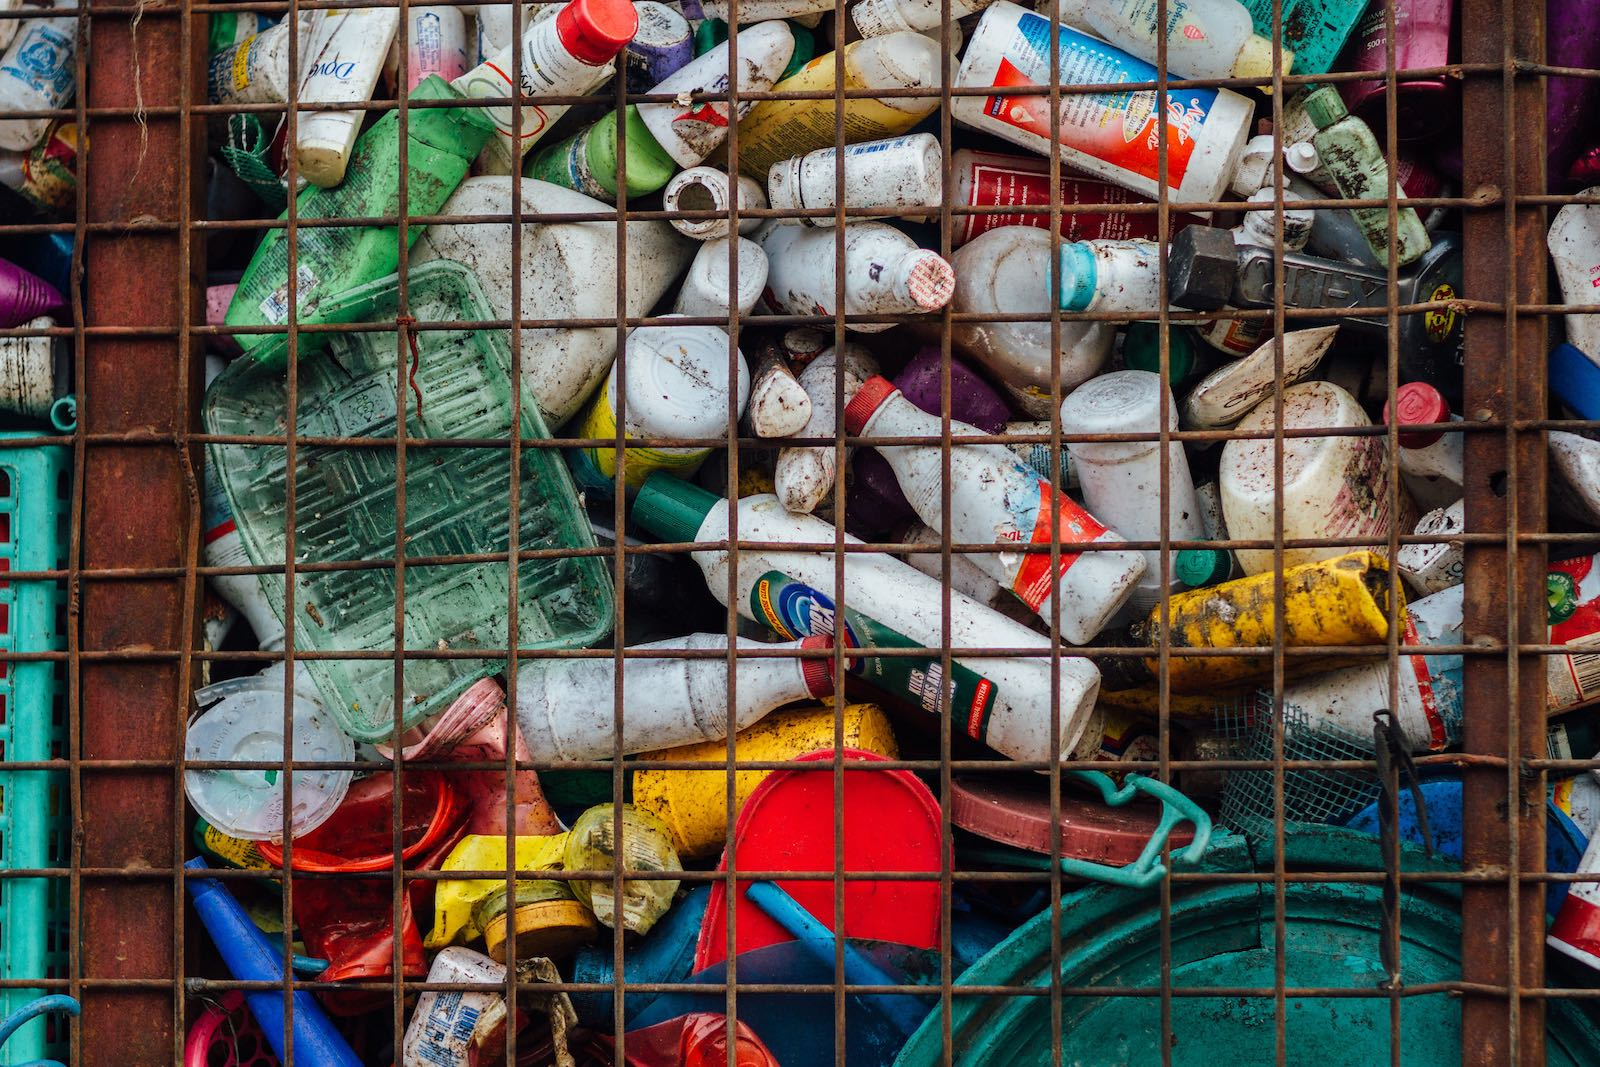 Plastic for landfill, Todo, Philippines (Photo: Adam Cohn/Flickr)